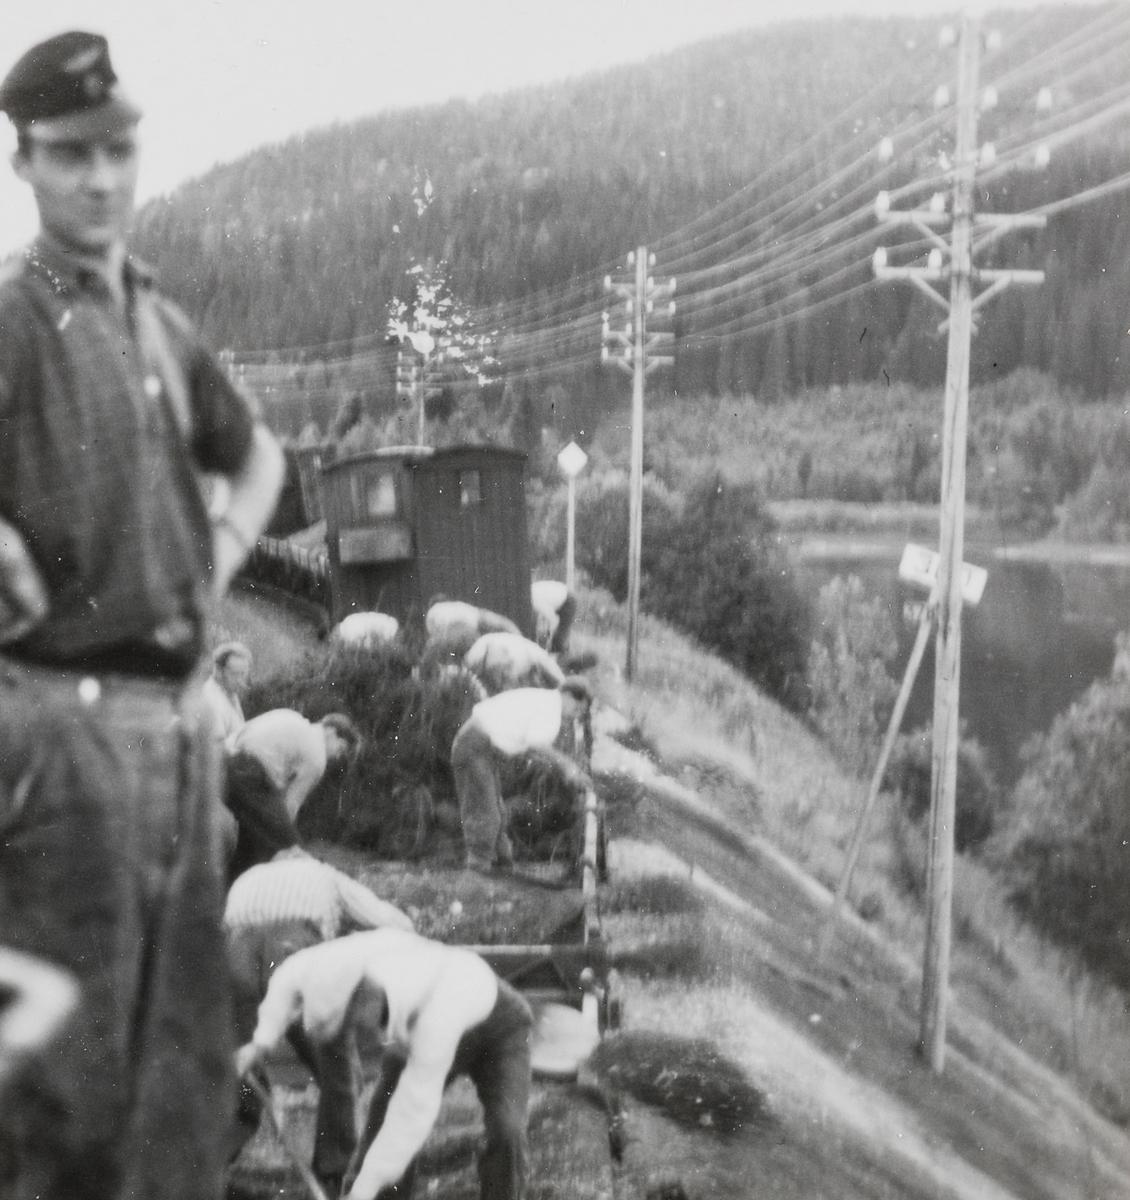 Banearbeid på Nordlandsbanen i nærheten av Sefrivatn, mellom Grong og Mosjøen. Avlessing av grus.